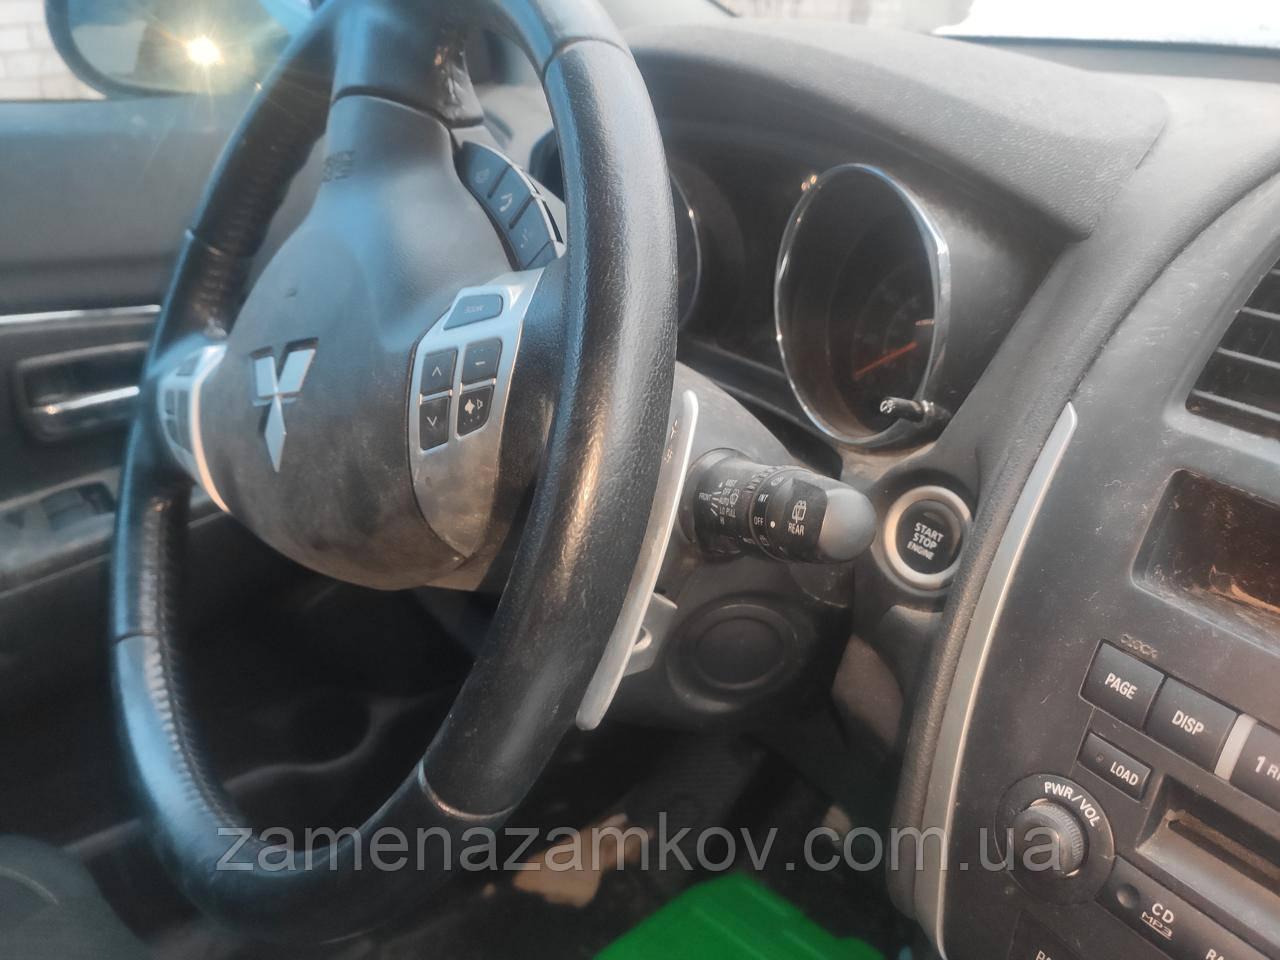 Восстановить авто ключ по замку при потере ключей, аварийная служба замков Киев Вишневое